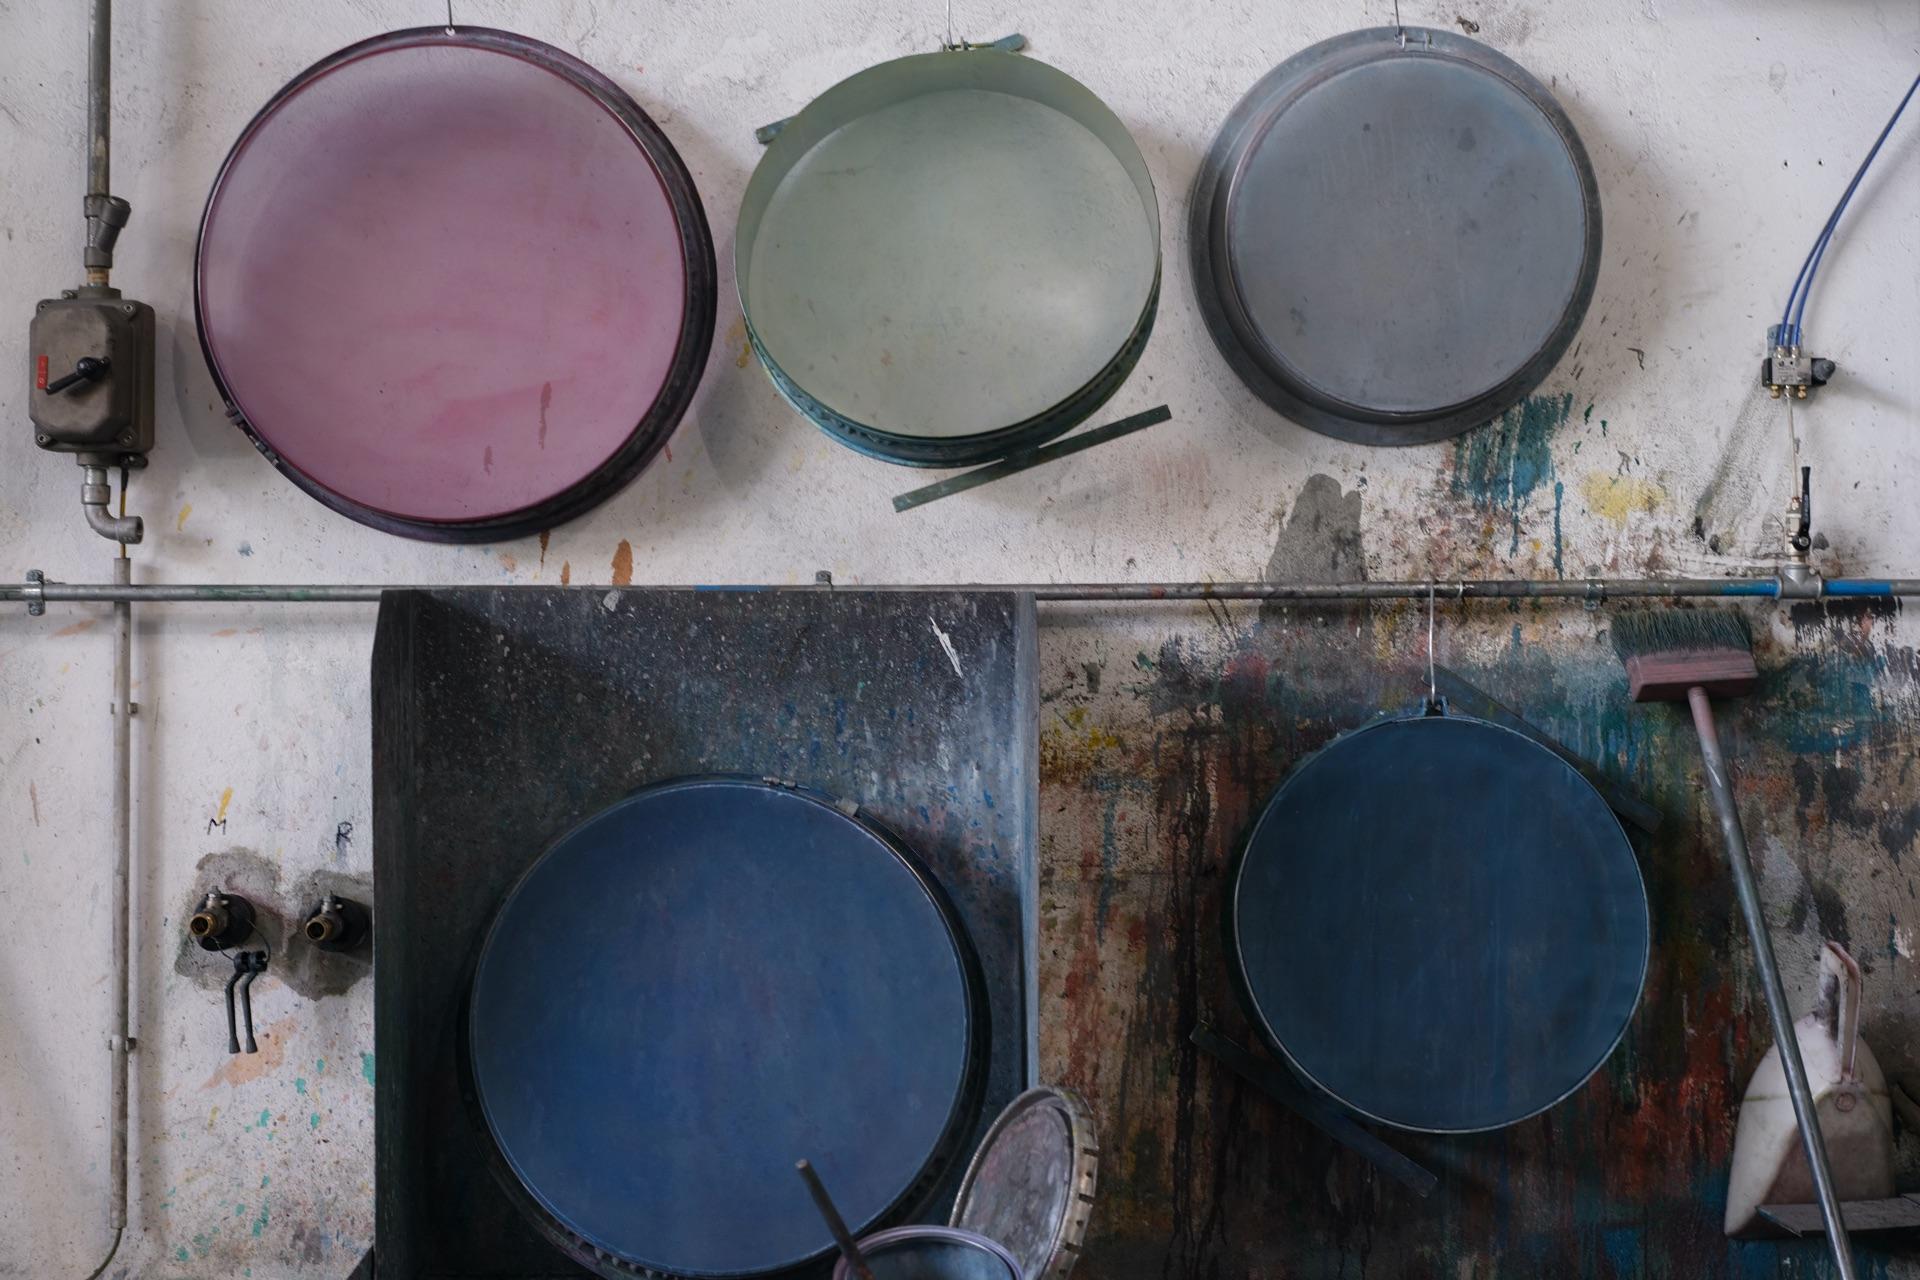 vivcolor pitture smalti e rivestimenti per industria casa hobby dscf0030